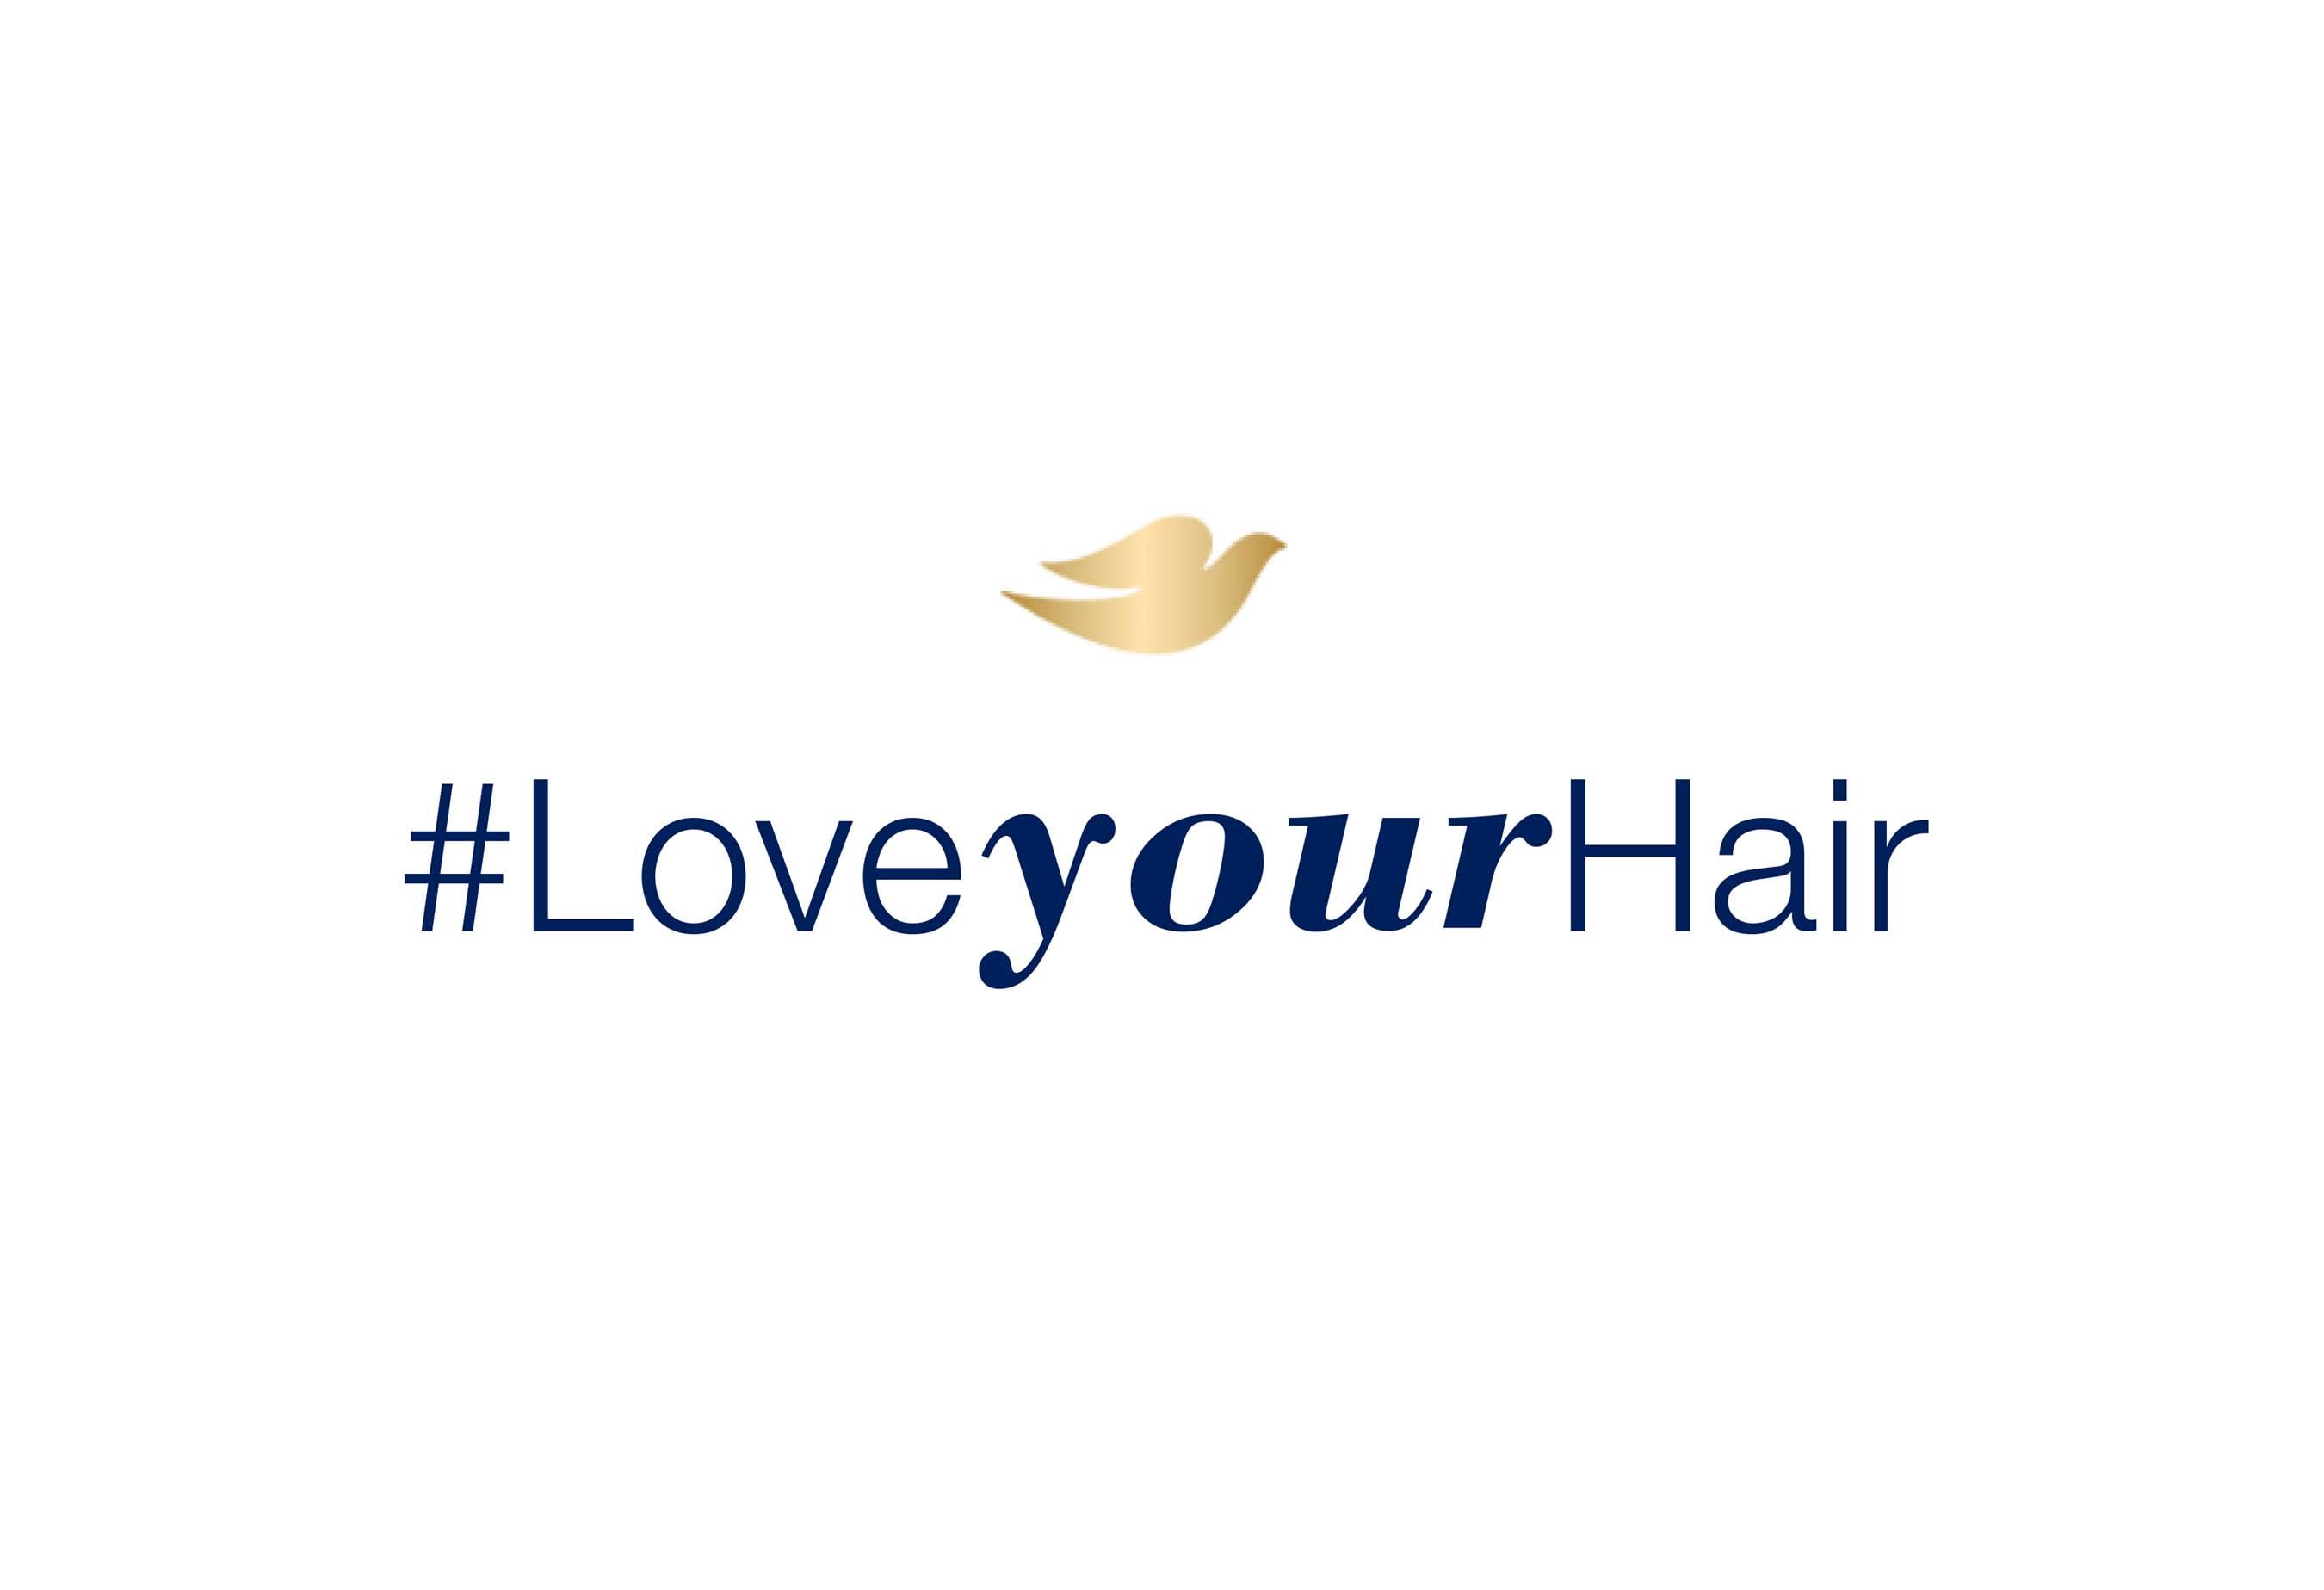 #LoveYourHair